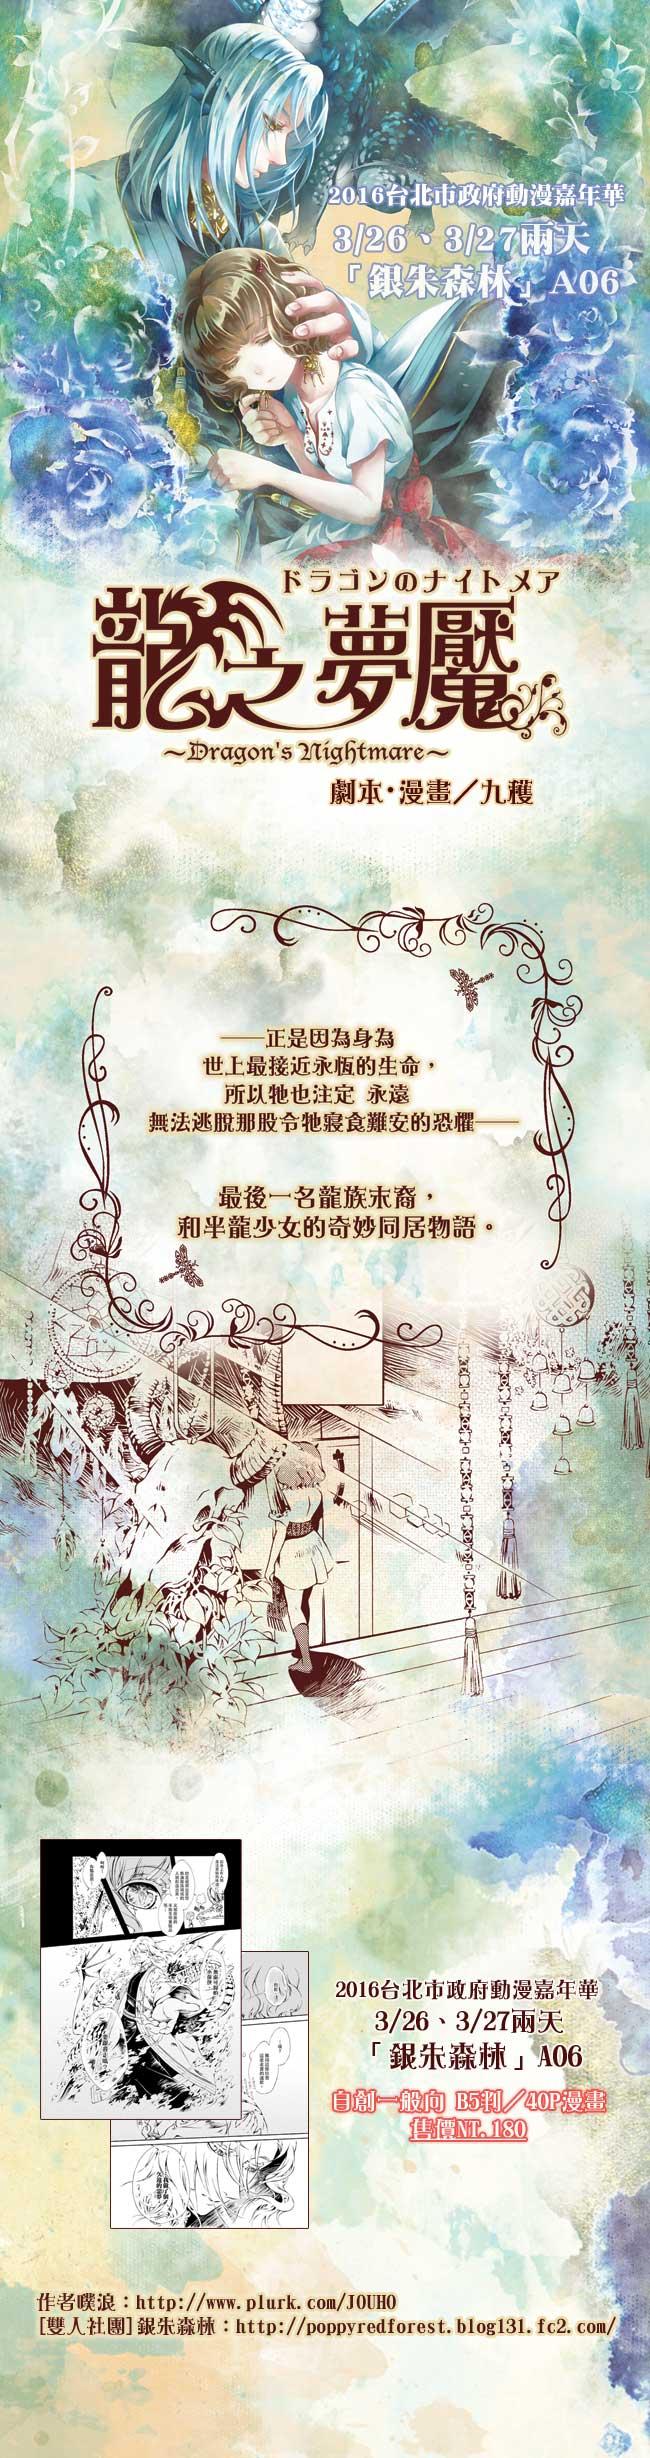 CWT市政府場-新刊《龍之夢魘》長條圖